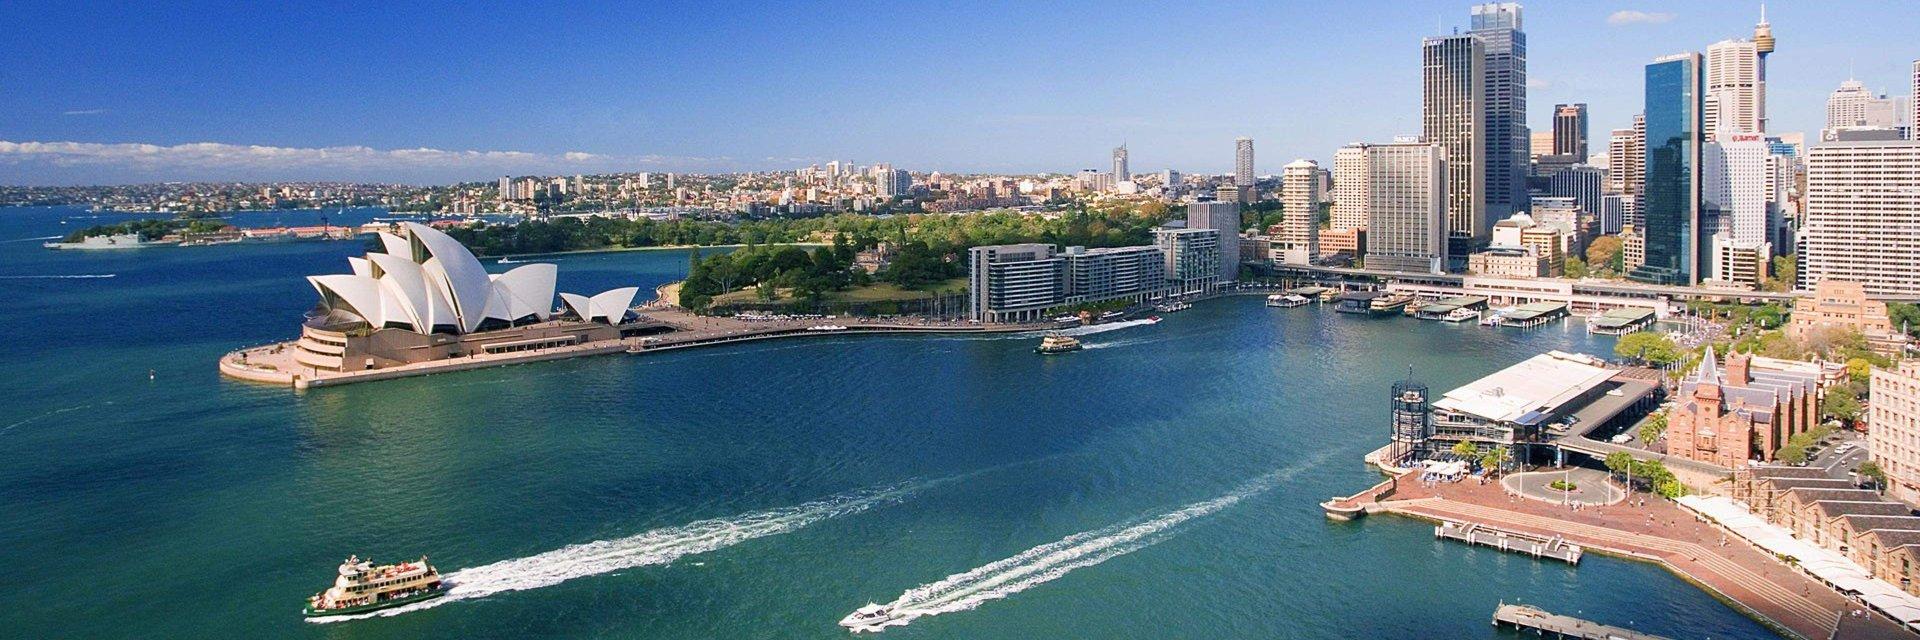 Туры на курорт Новый Южный Уэльс (Австралия) на 4 дня / 3 ночи 2021 из Москвы - цены, путевки на отдых на курорте Новый Южный Уэльс на четыре дня - ПАКС